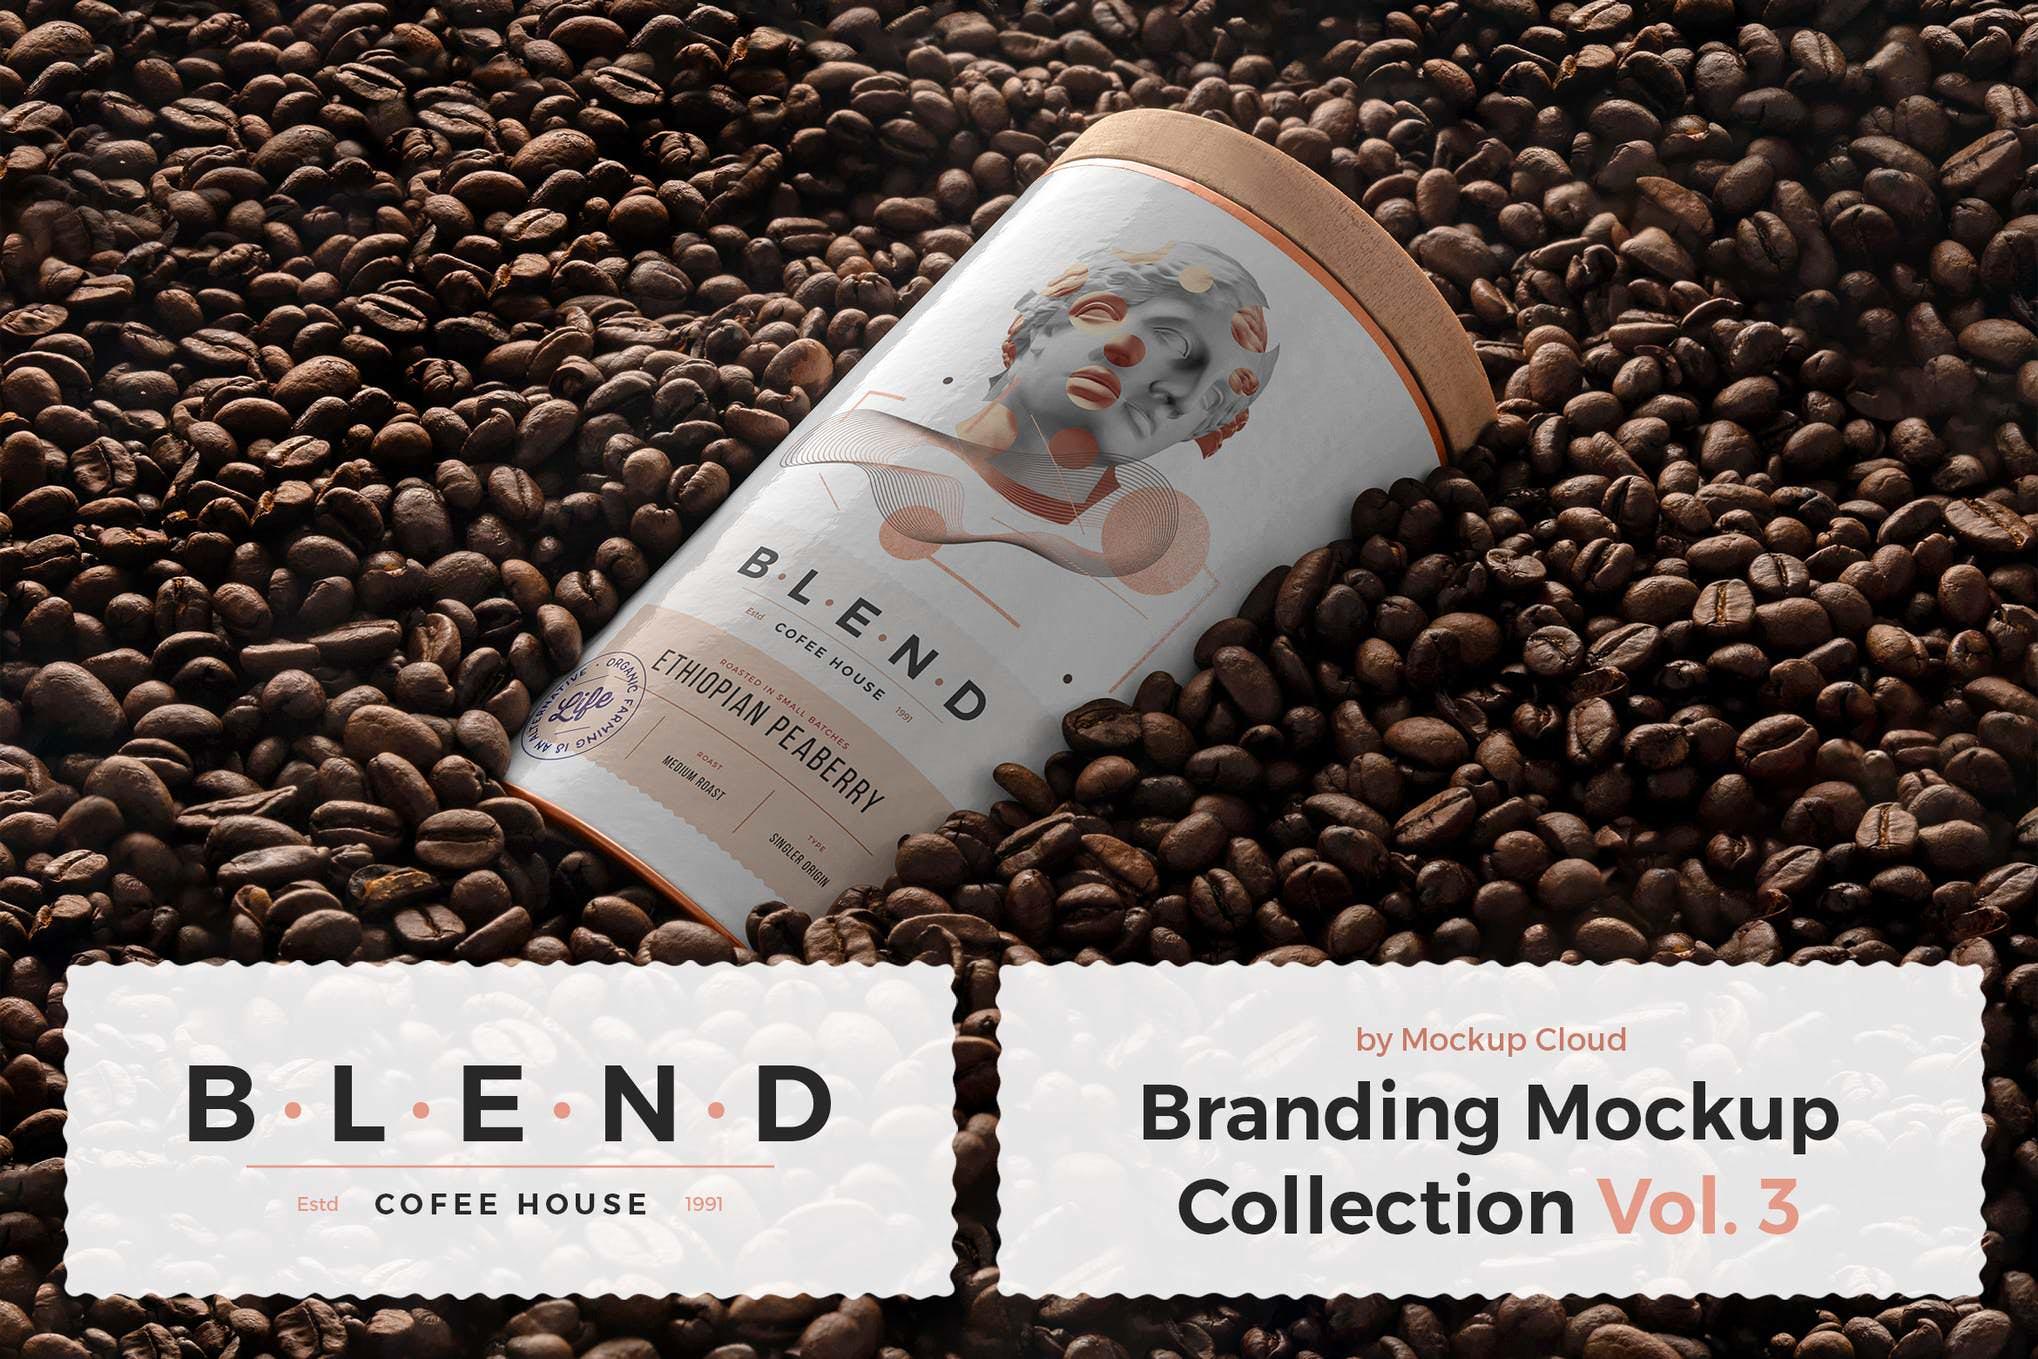 咖啡公司咖啡相关产品和场景自定义